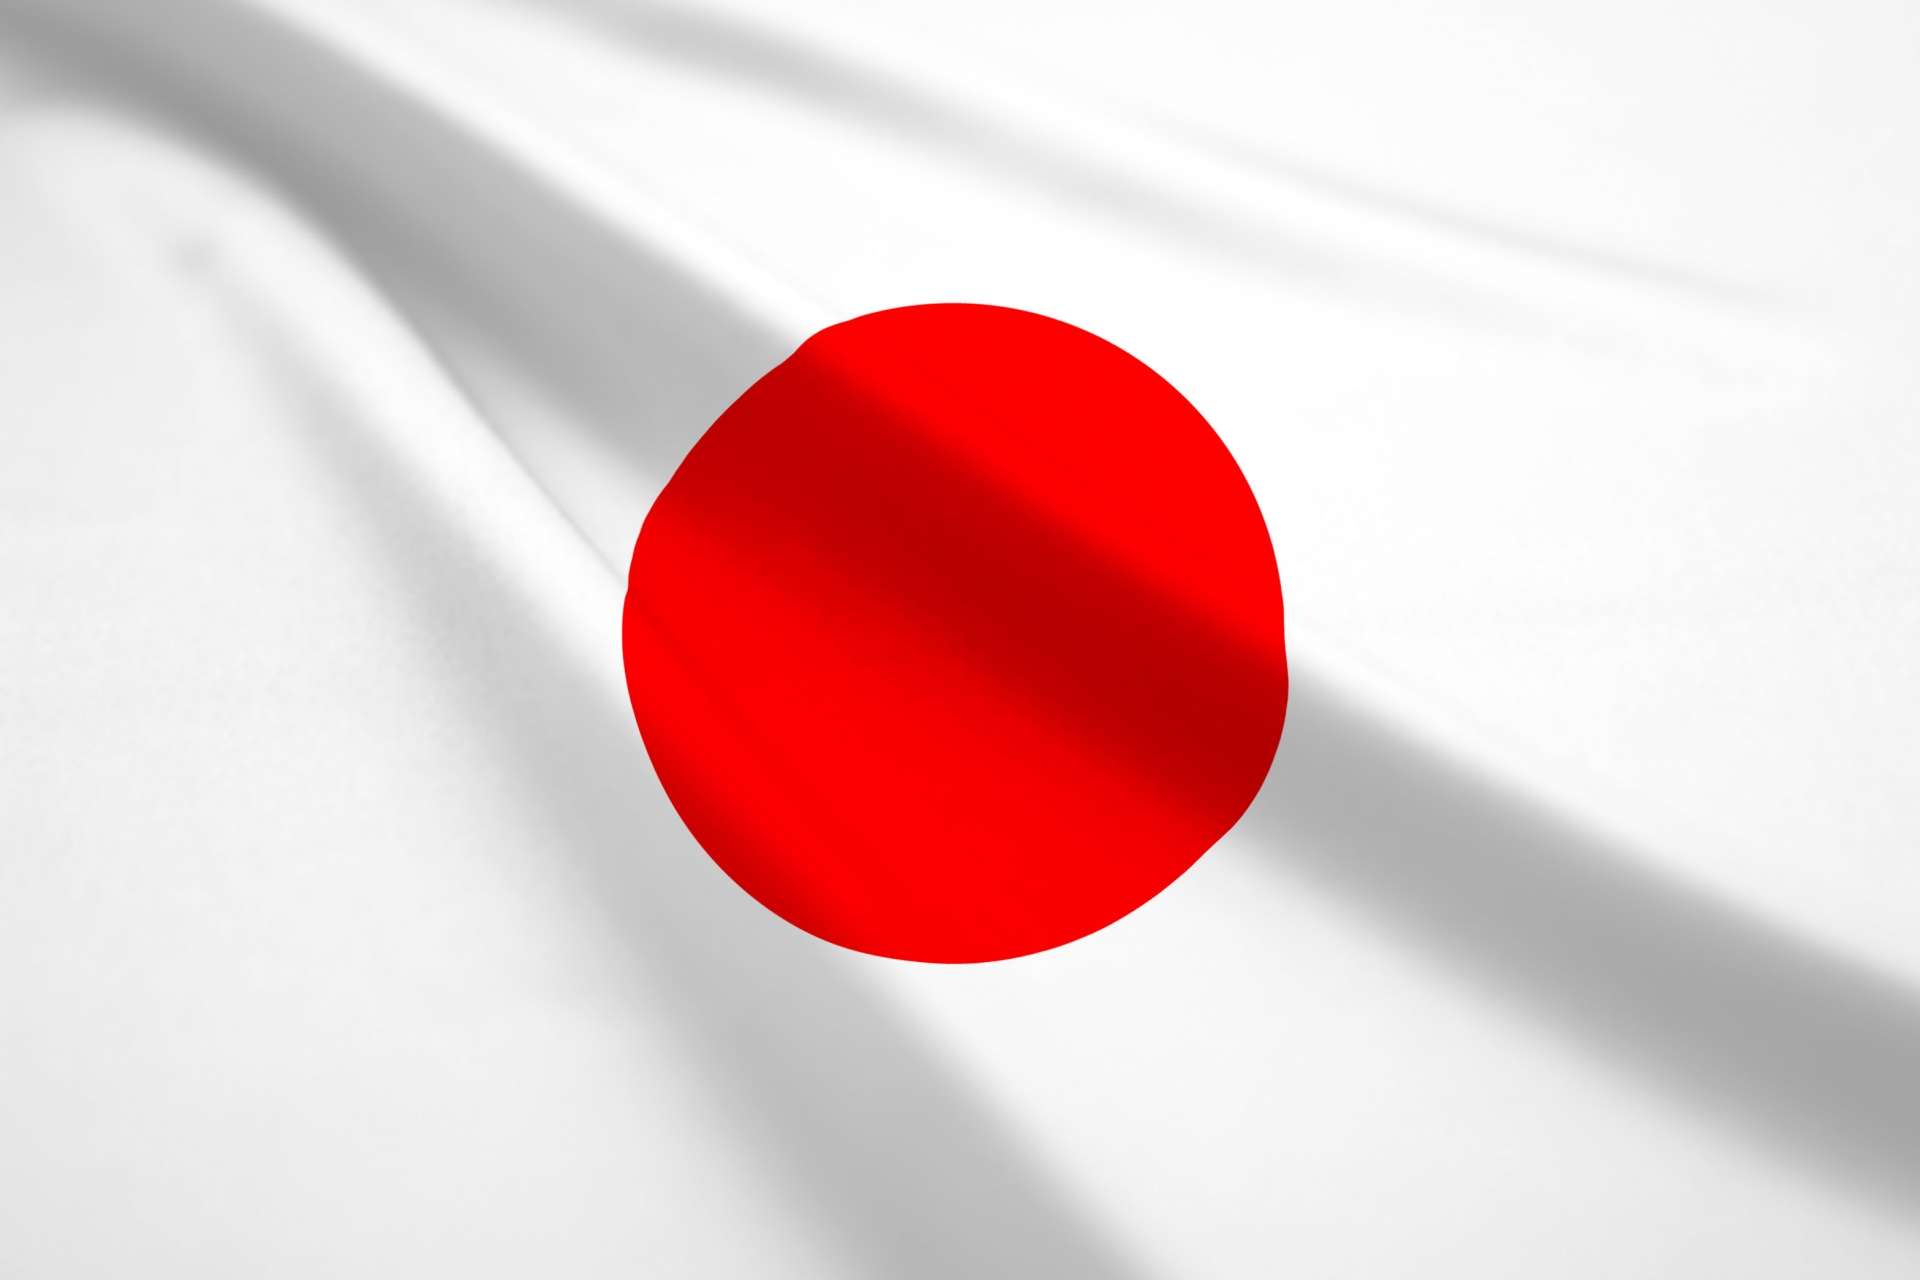 無名選手でも日本代表へ 諦めない心を持つ